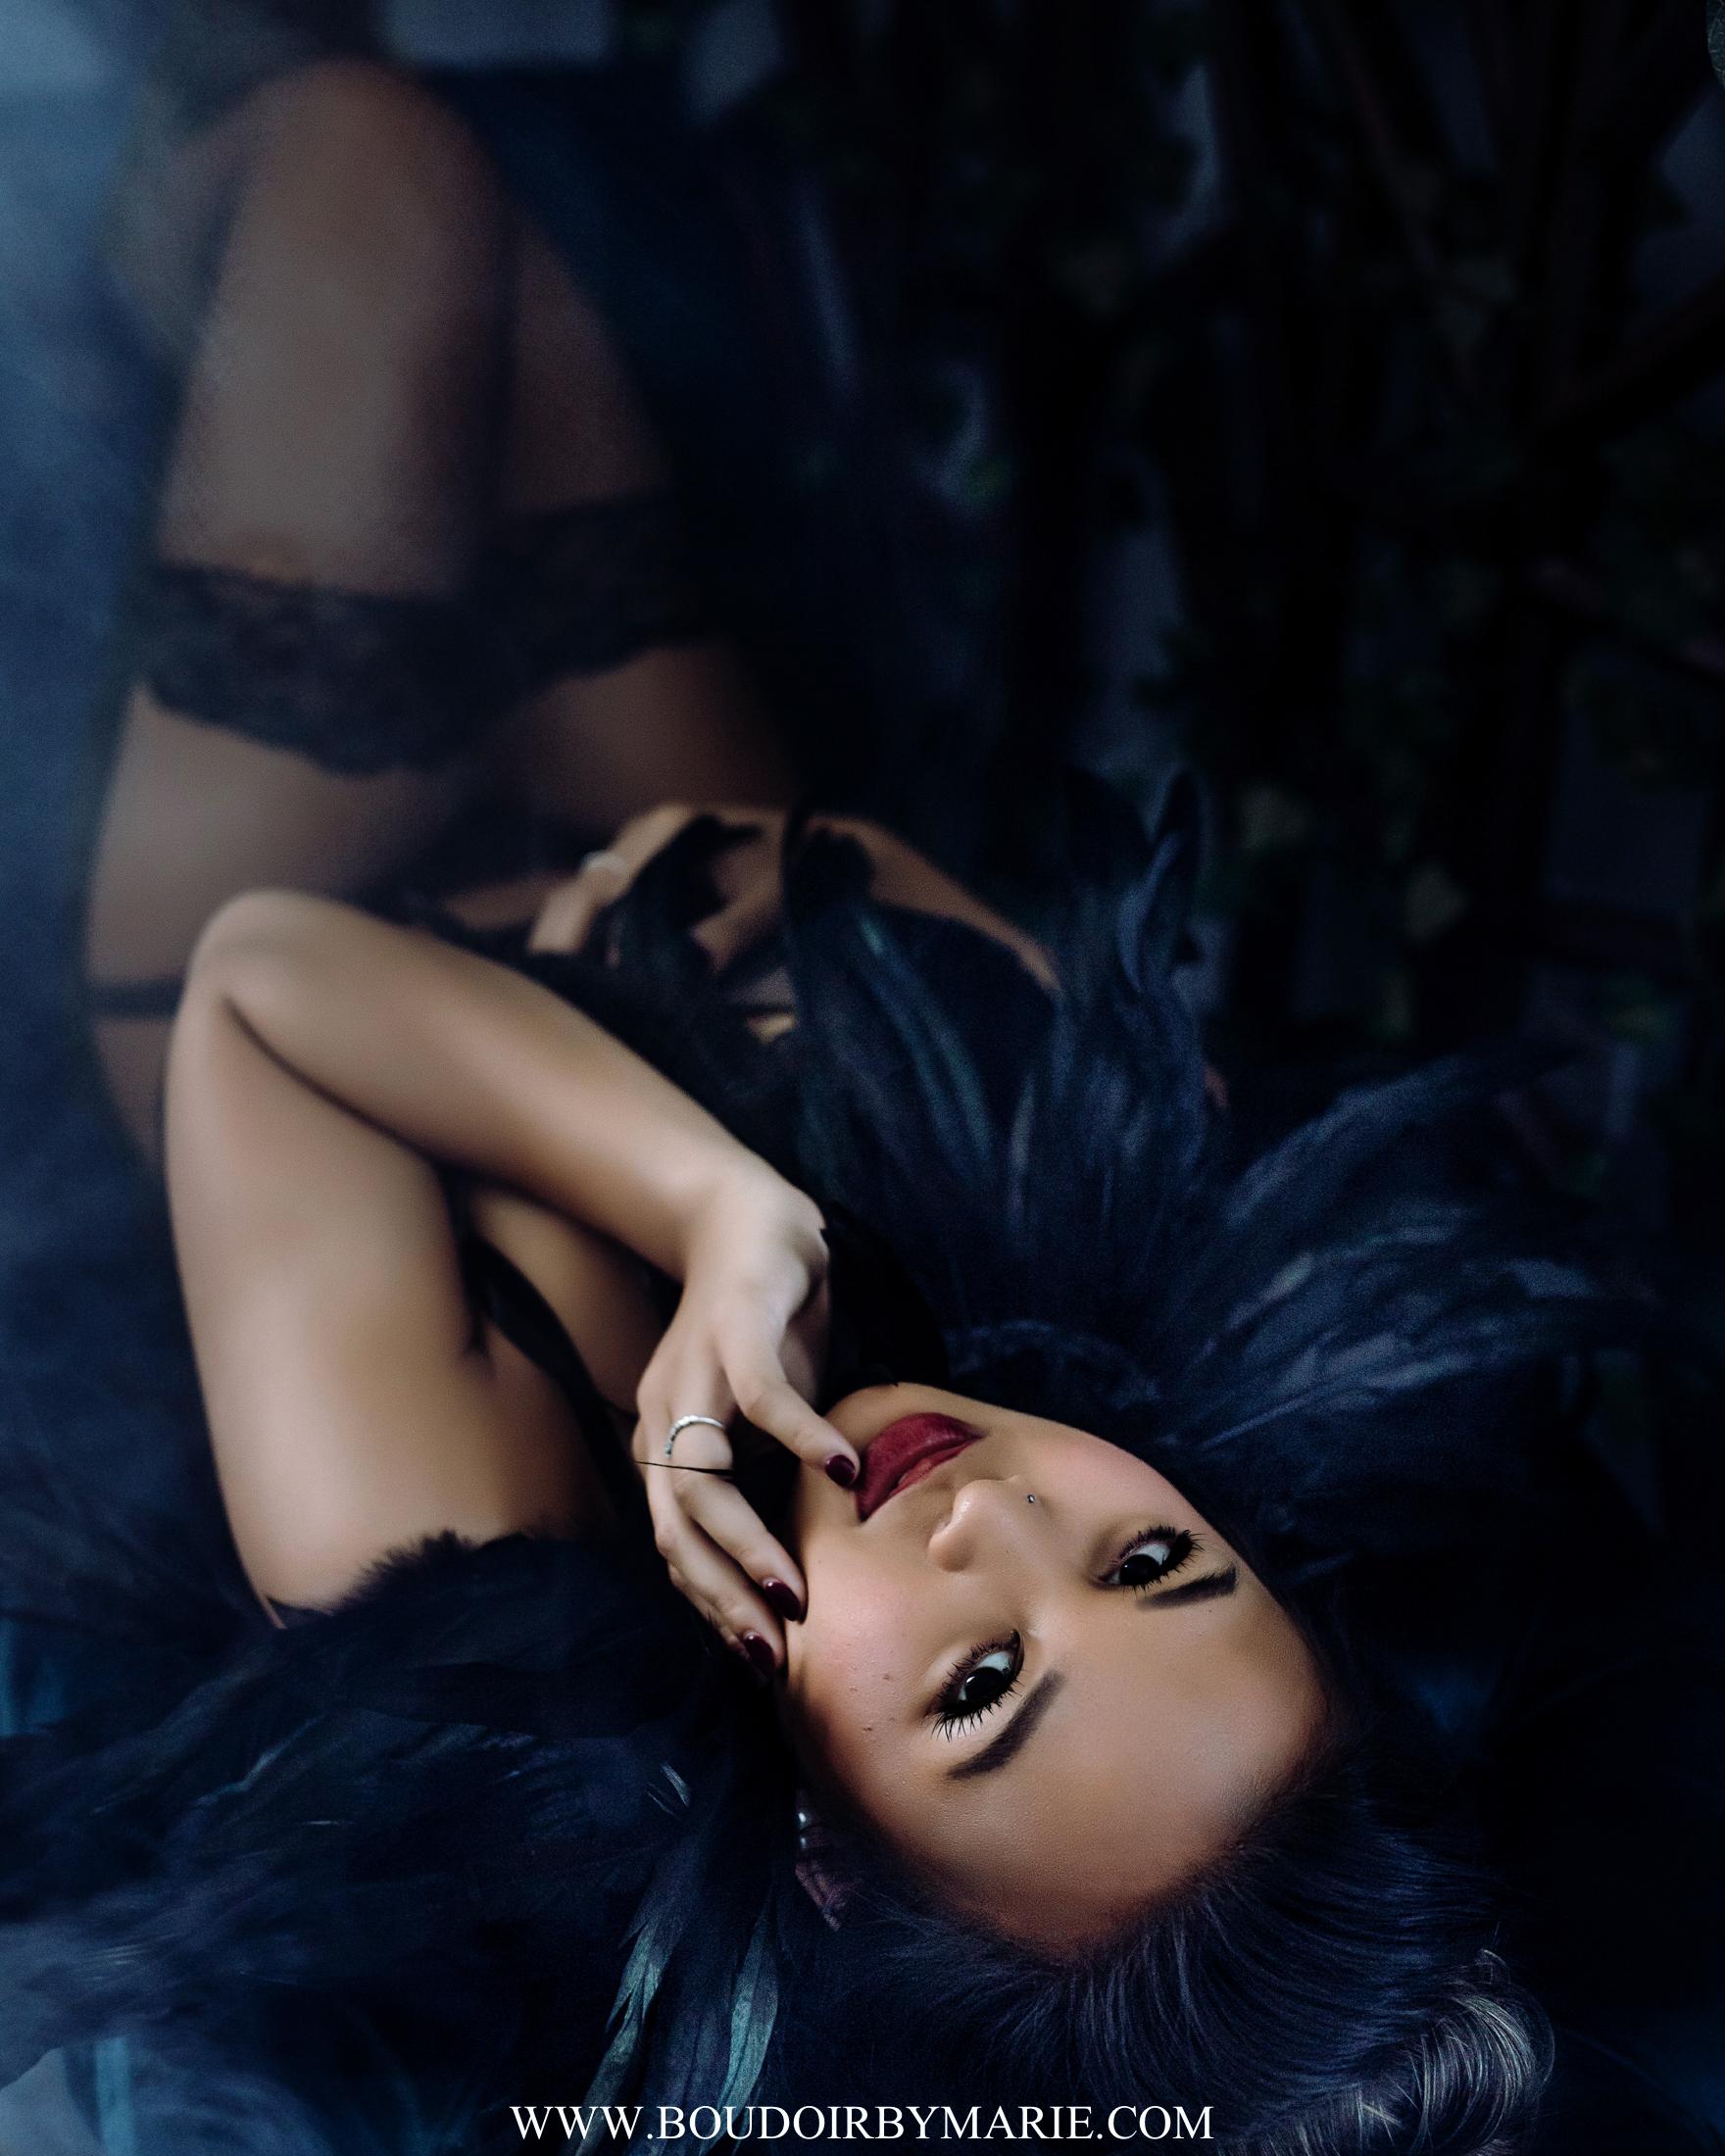 BoudoirbyMarie-HalloweenBoudoir-11.jpg